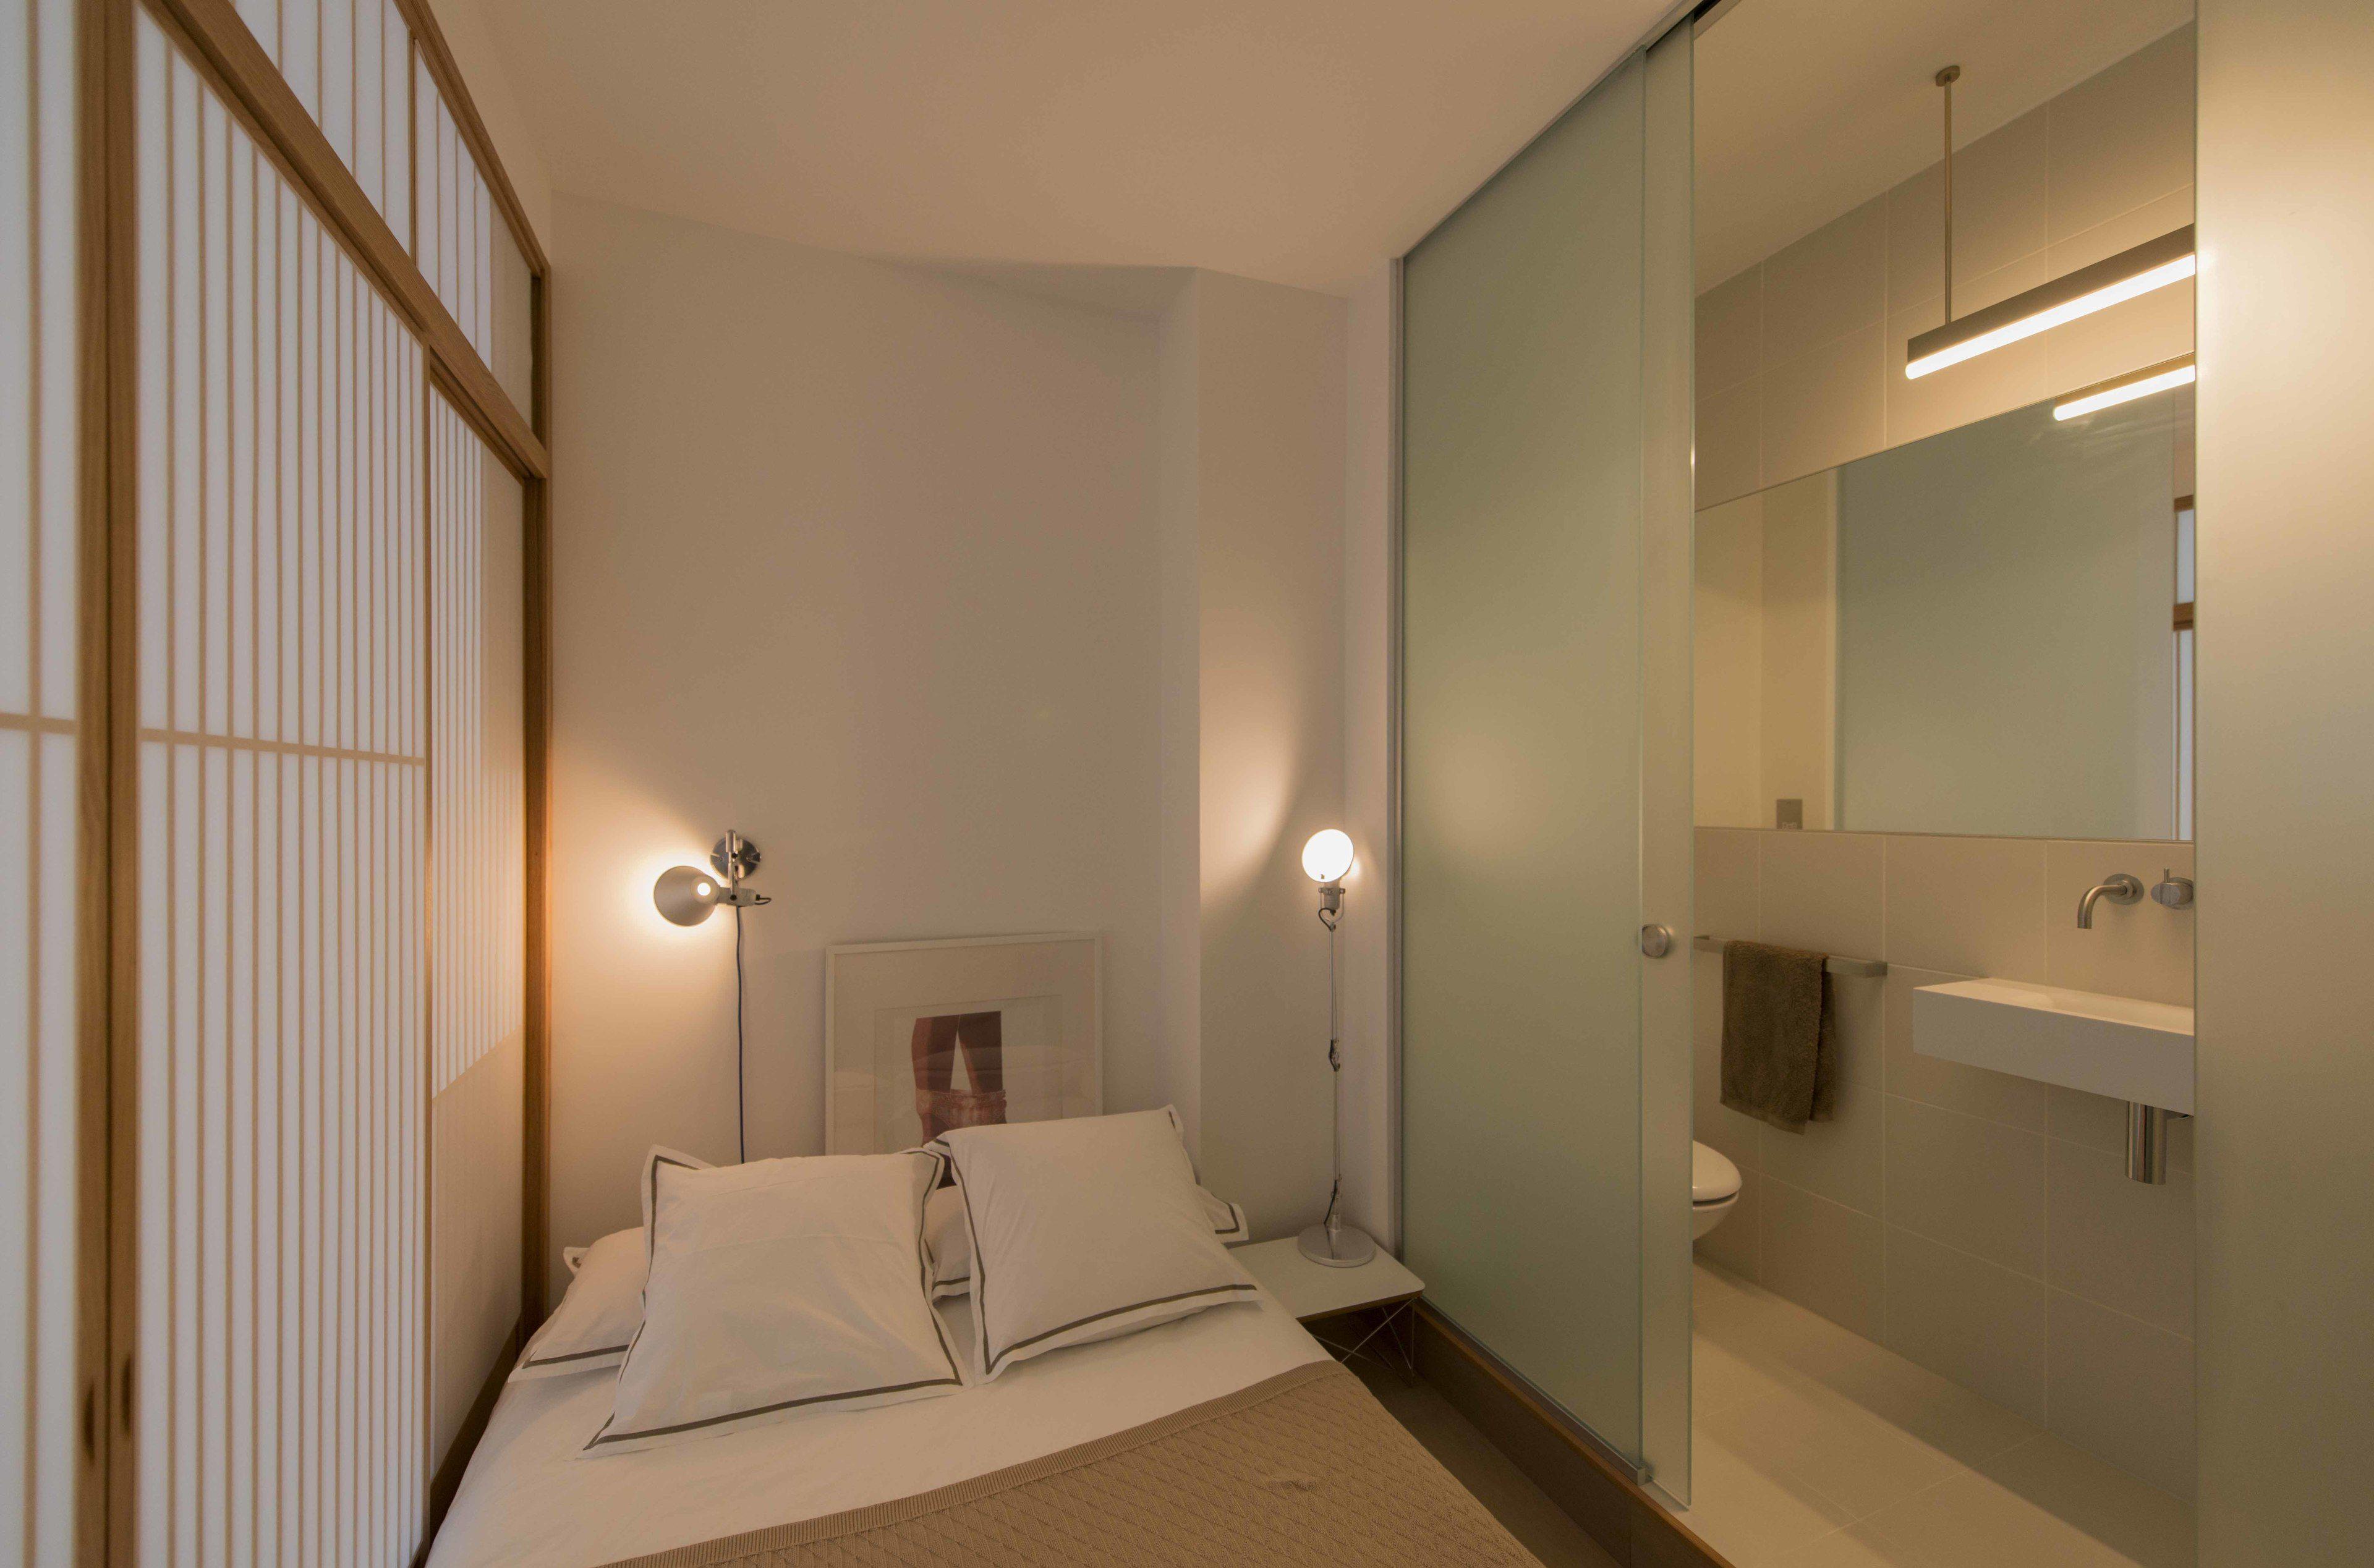 Bedroomandbathroom001.jpg